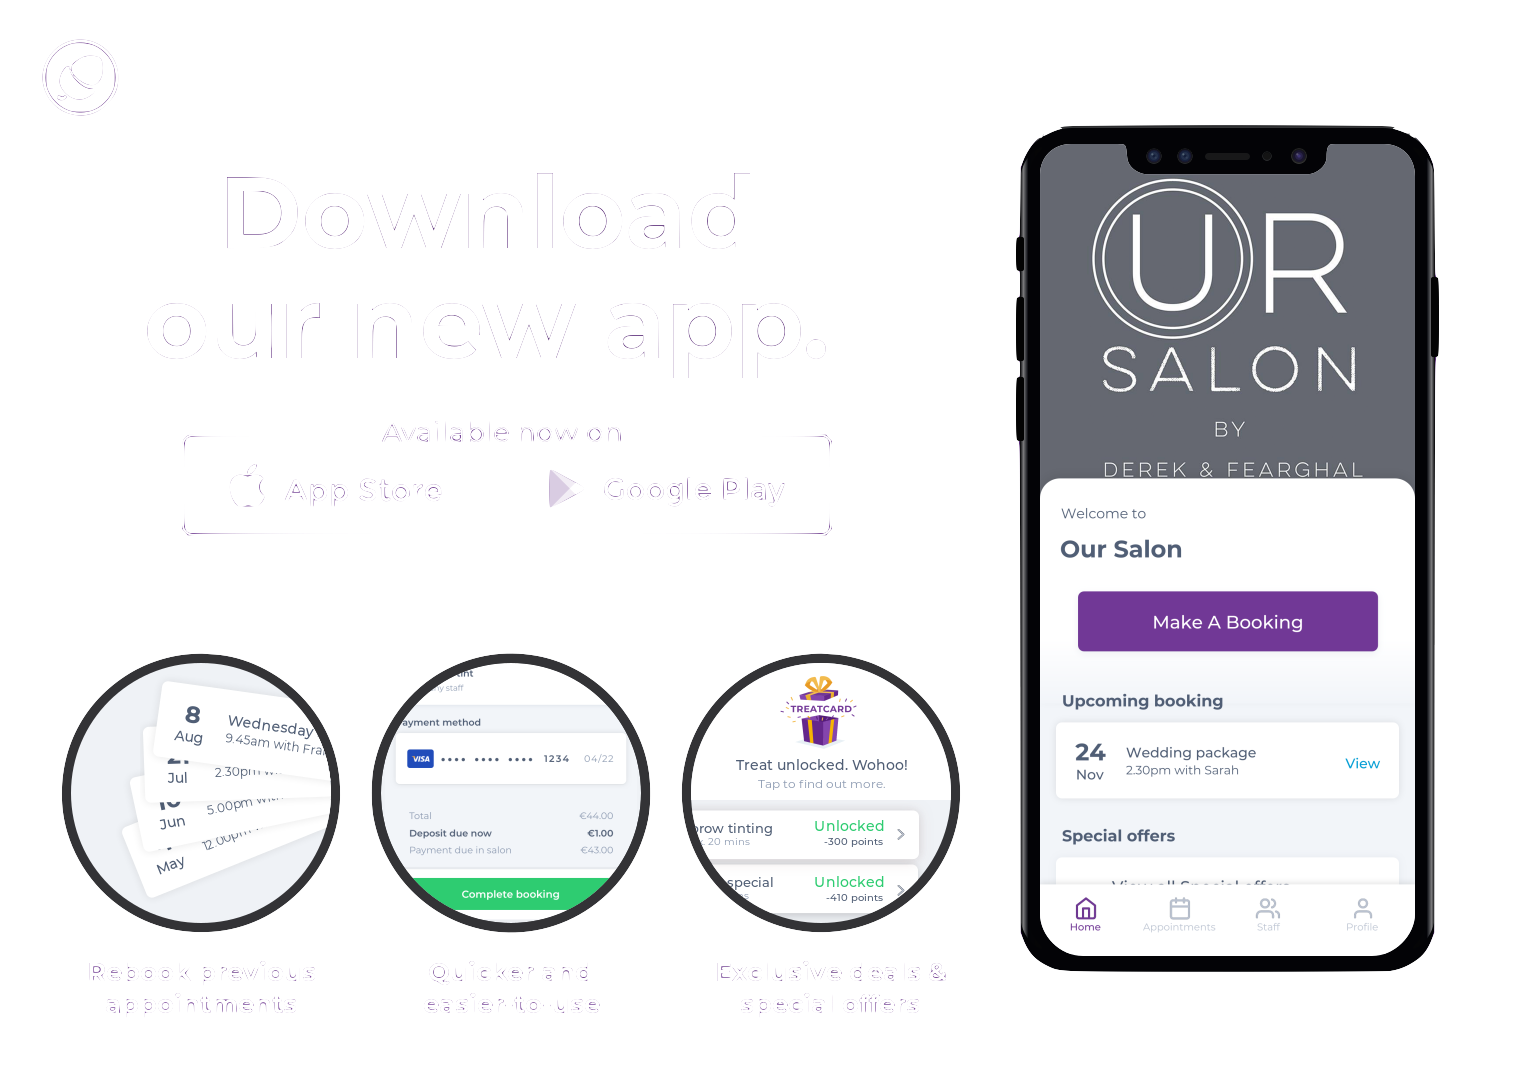 Our Salon App Download